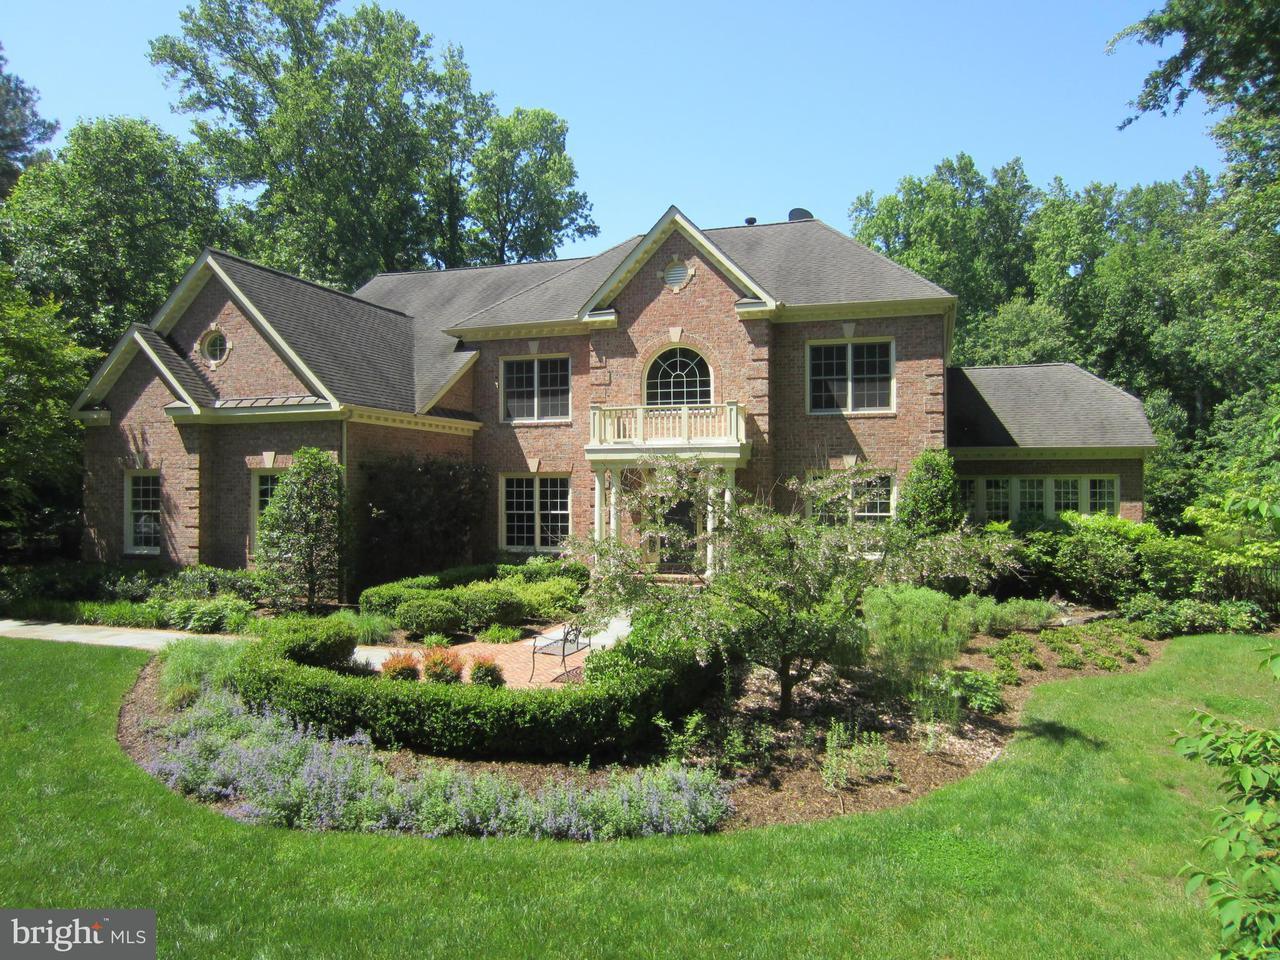 一戸建て のために 売買 アット 11203 GUNSTON Road 11203 GUNSTON Road Lorton, バージニア 22079 アメリカ合衆国